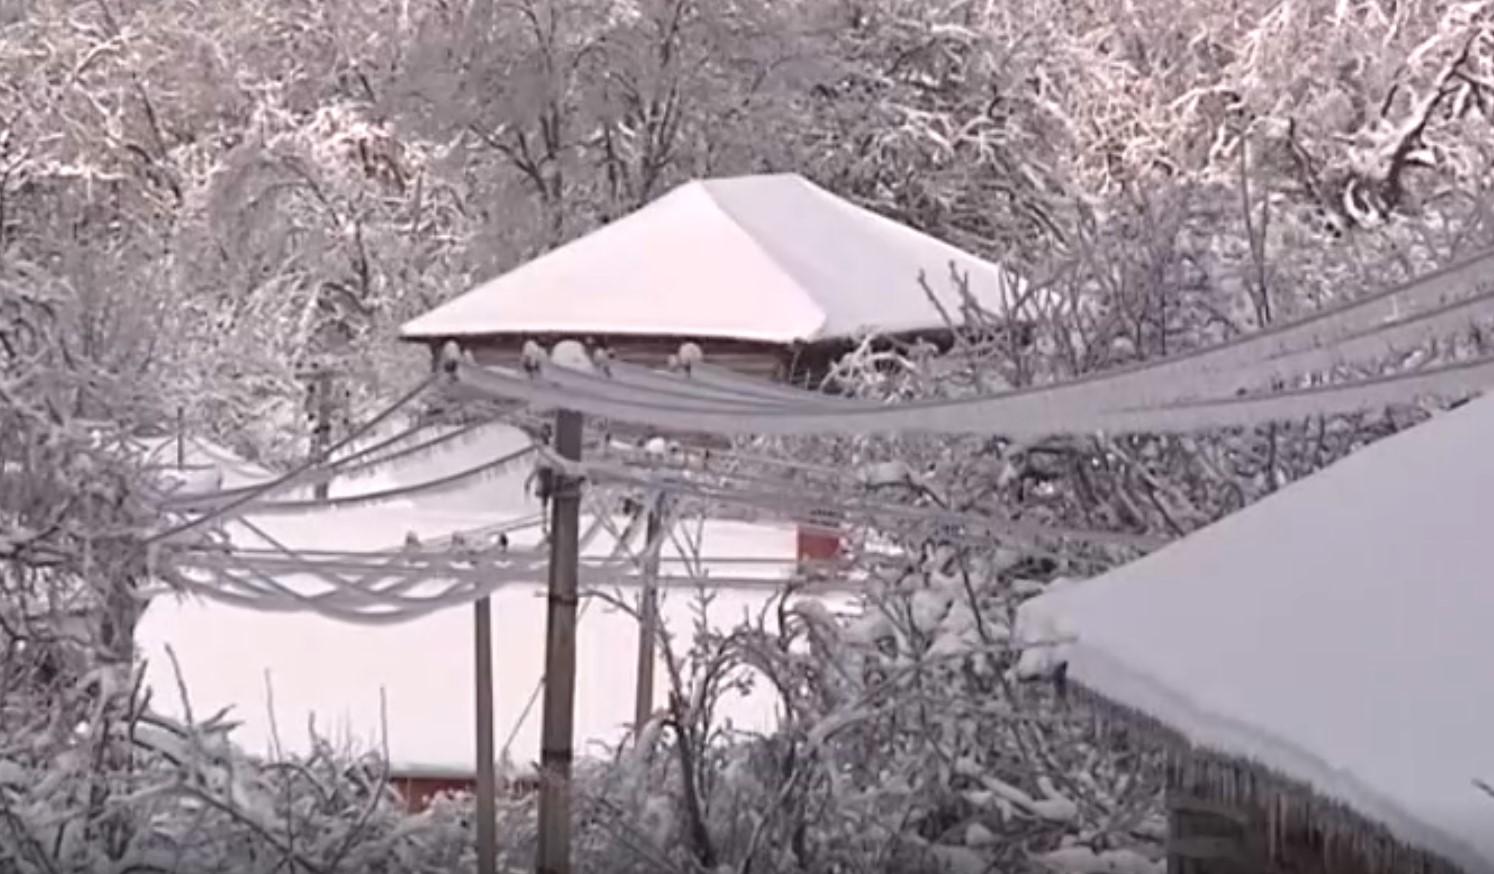 Kablovi pod snegom